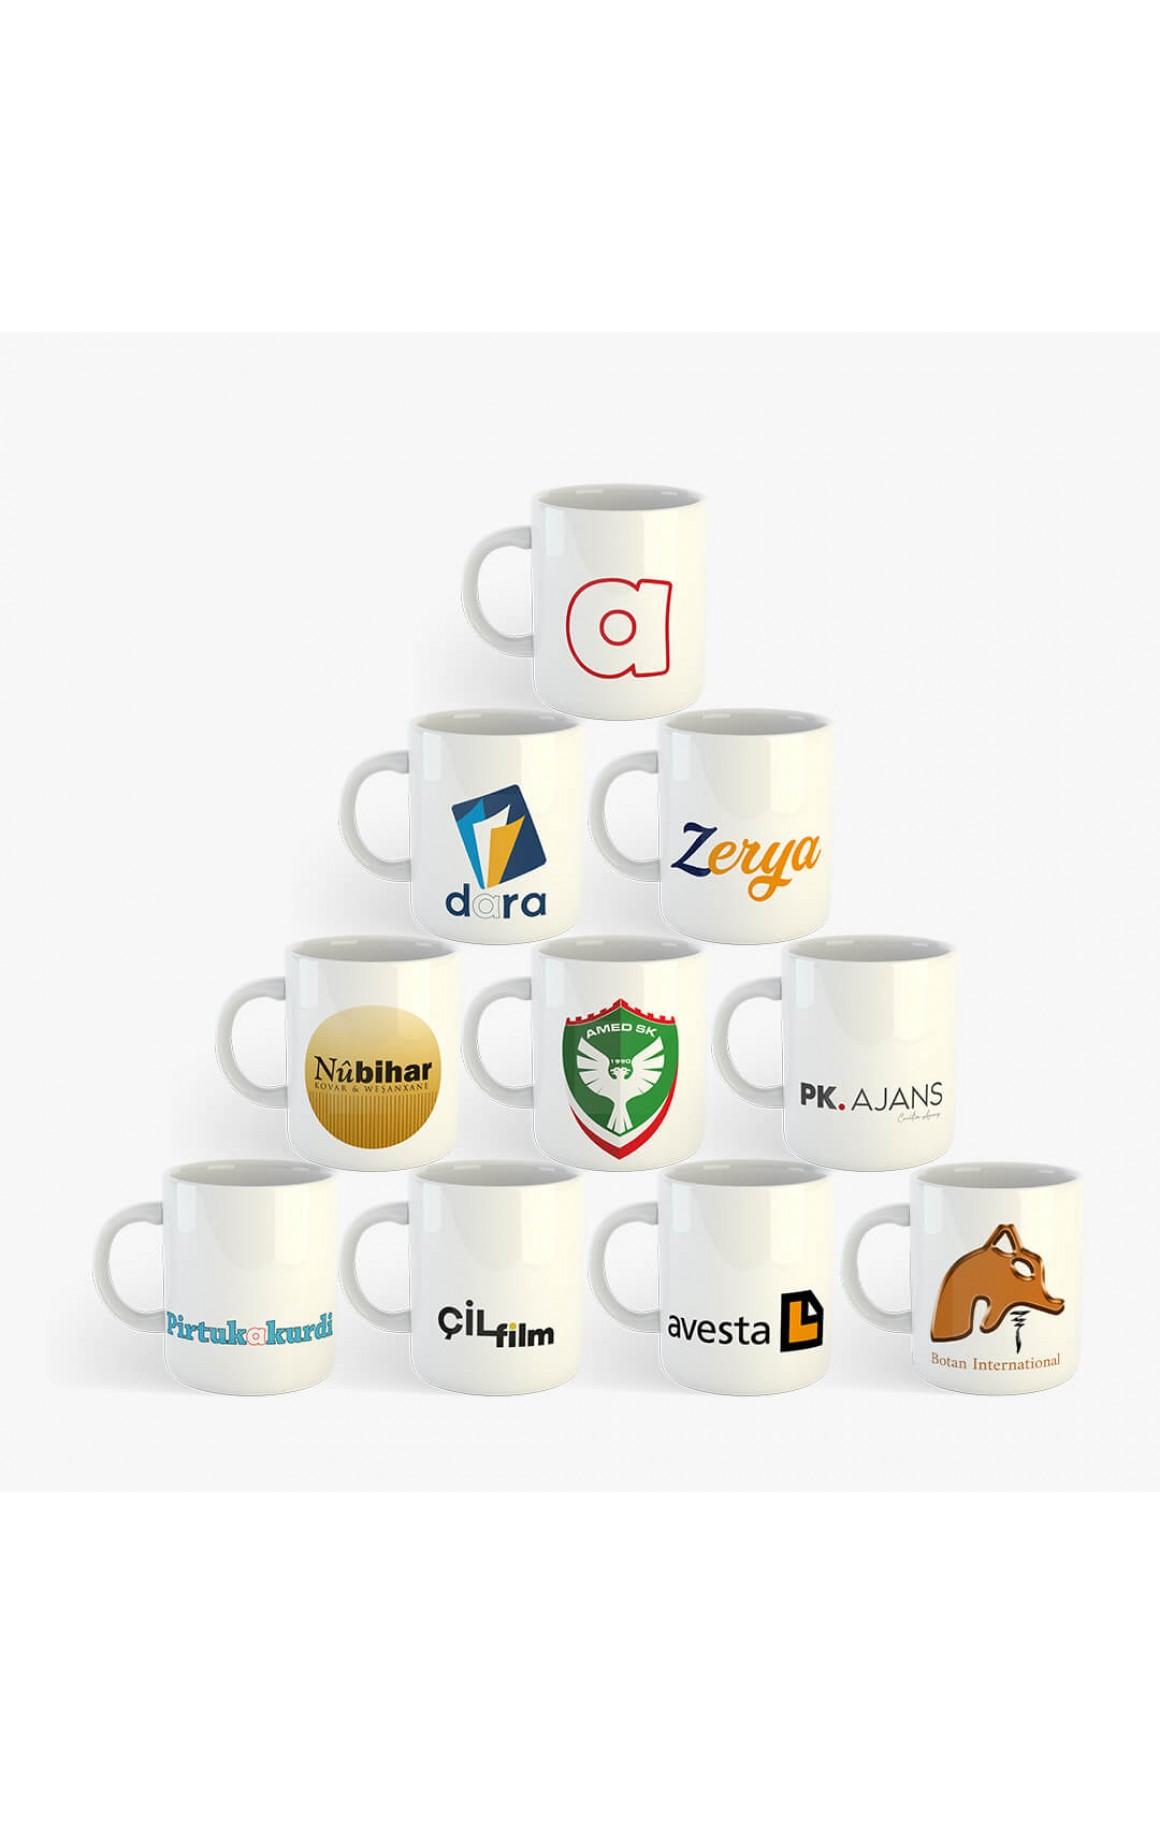 Firmalara Özel Toptan Baskılı Porselen Kupa Bardak (50 adet)